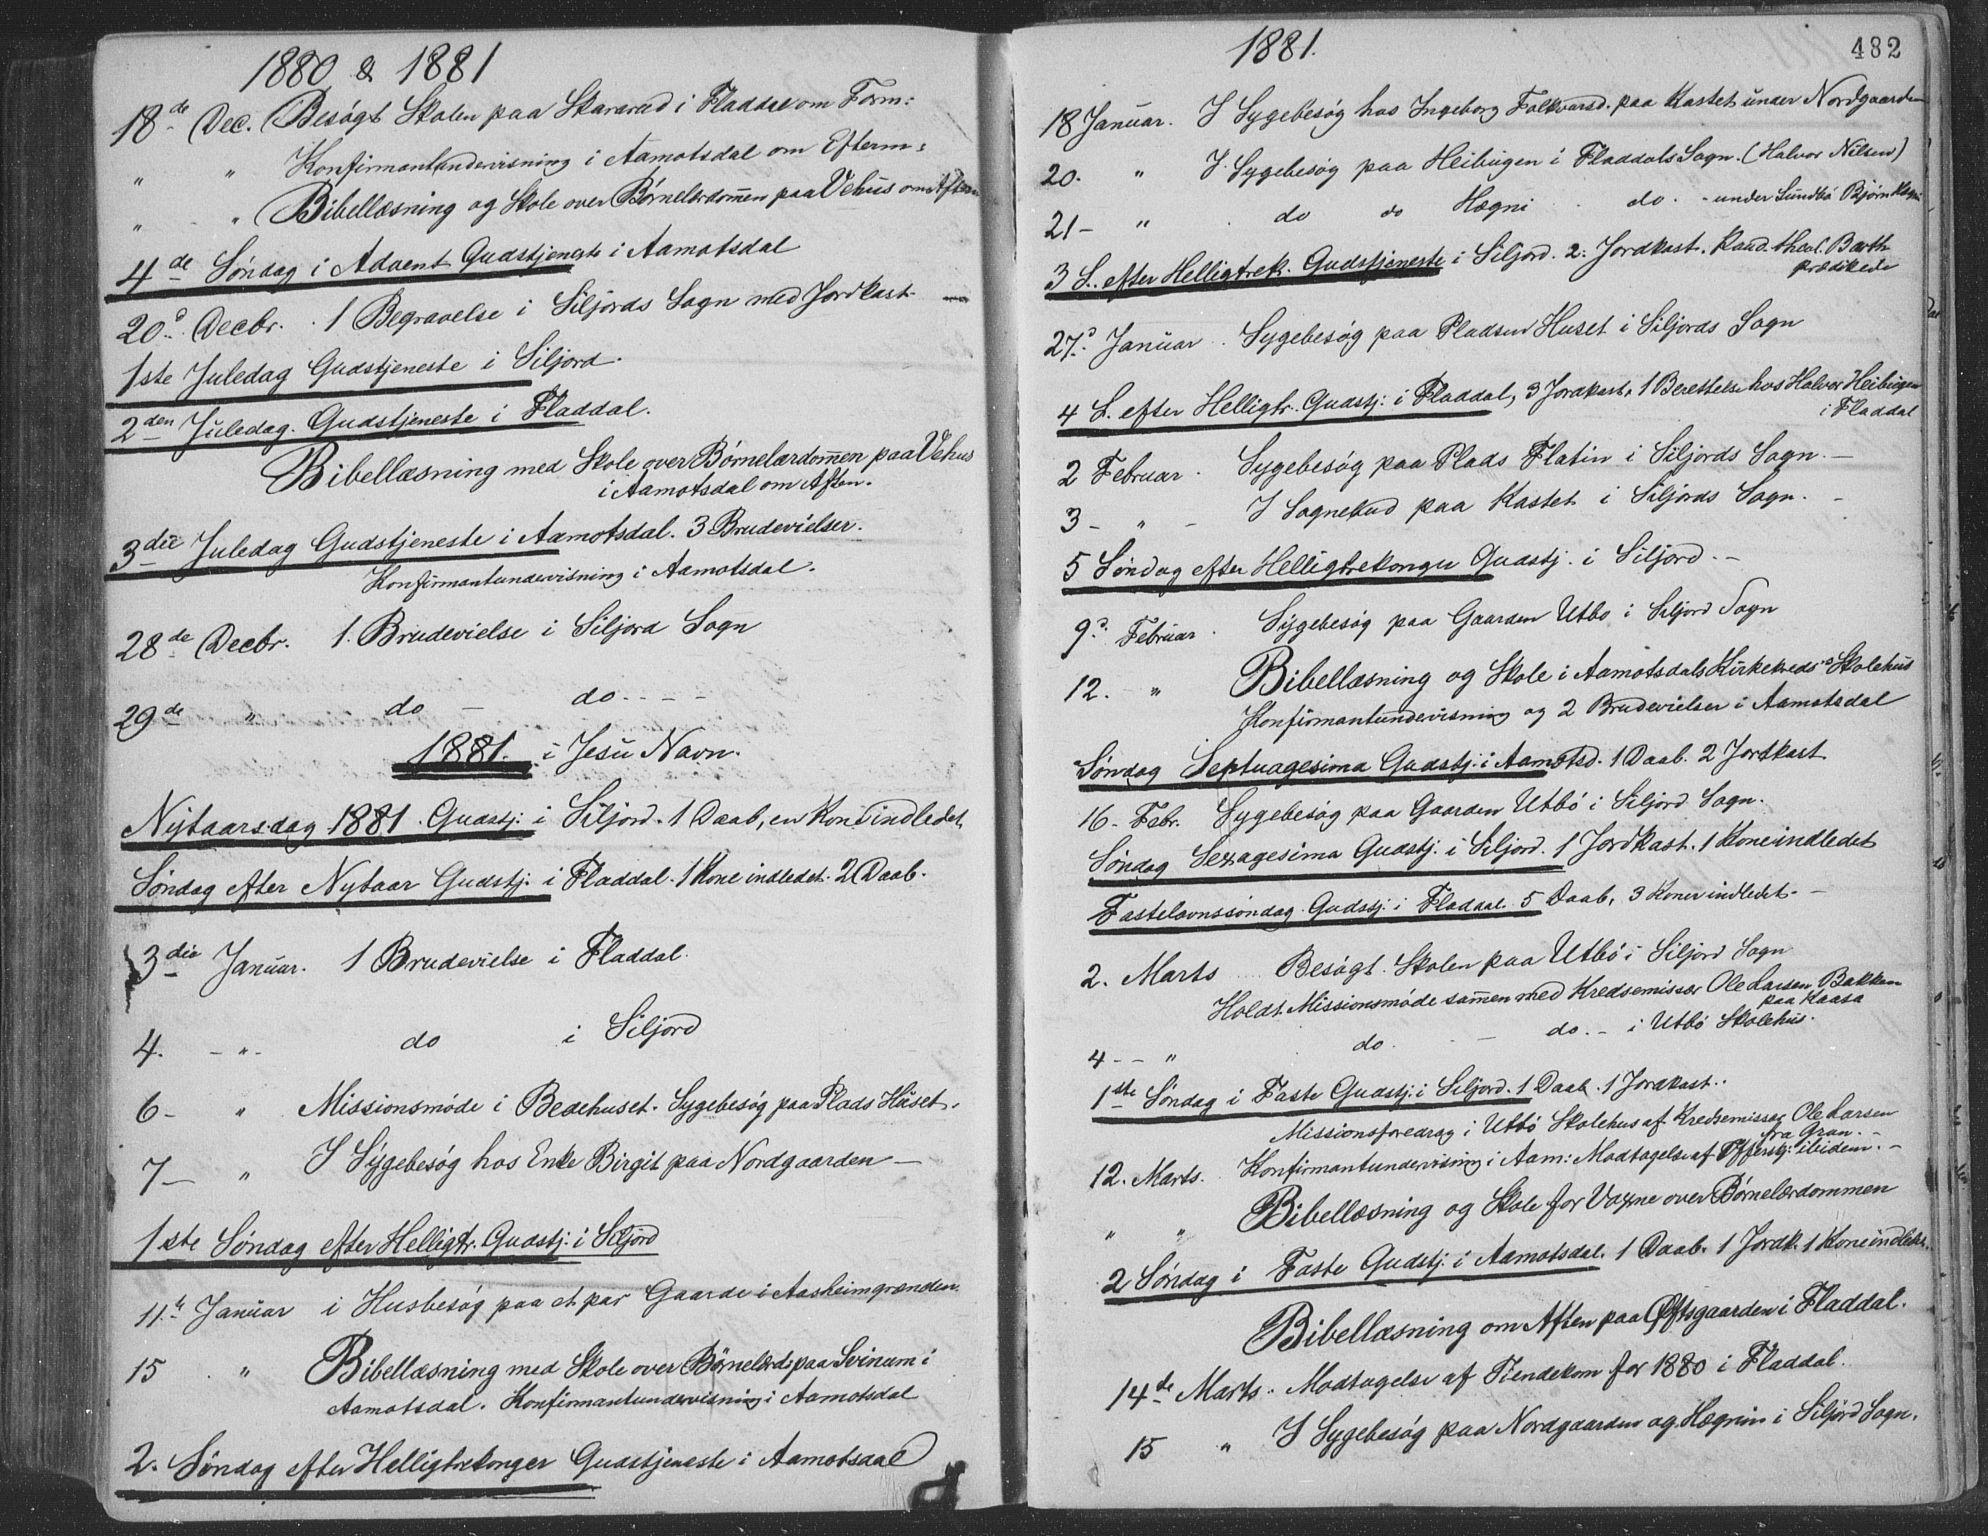 SAKO, Seljord kirkebøker, F/Fa/L0014: Ministerialbok nr. I 14, 1877-1886, s. 482